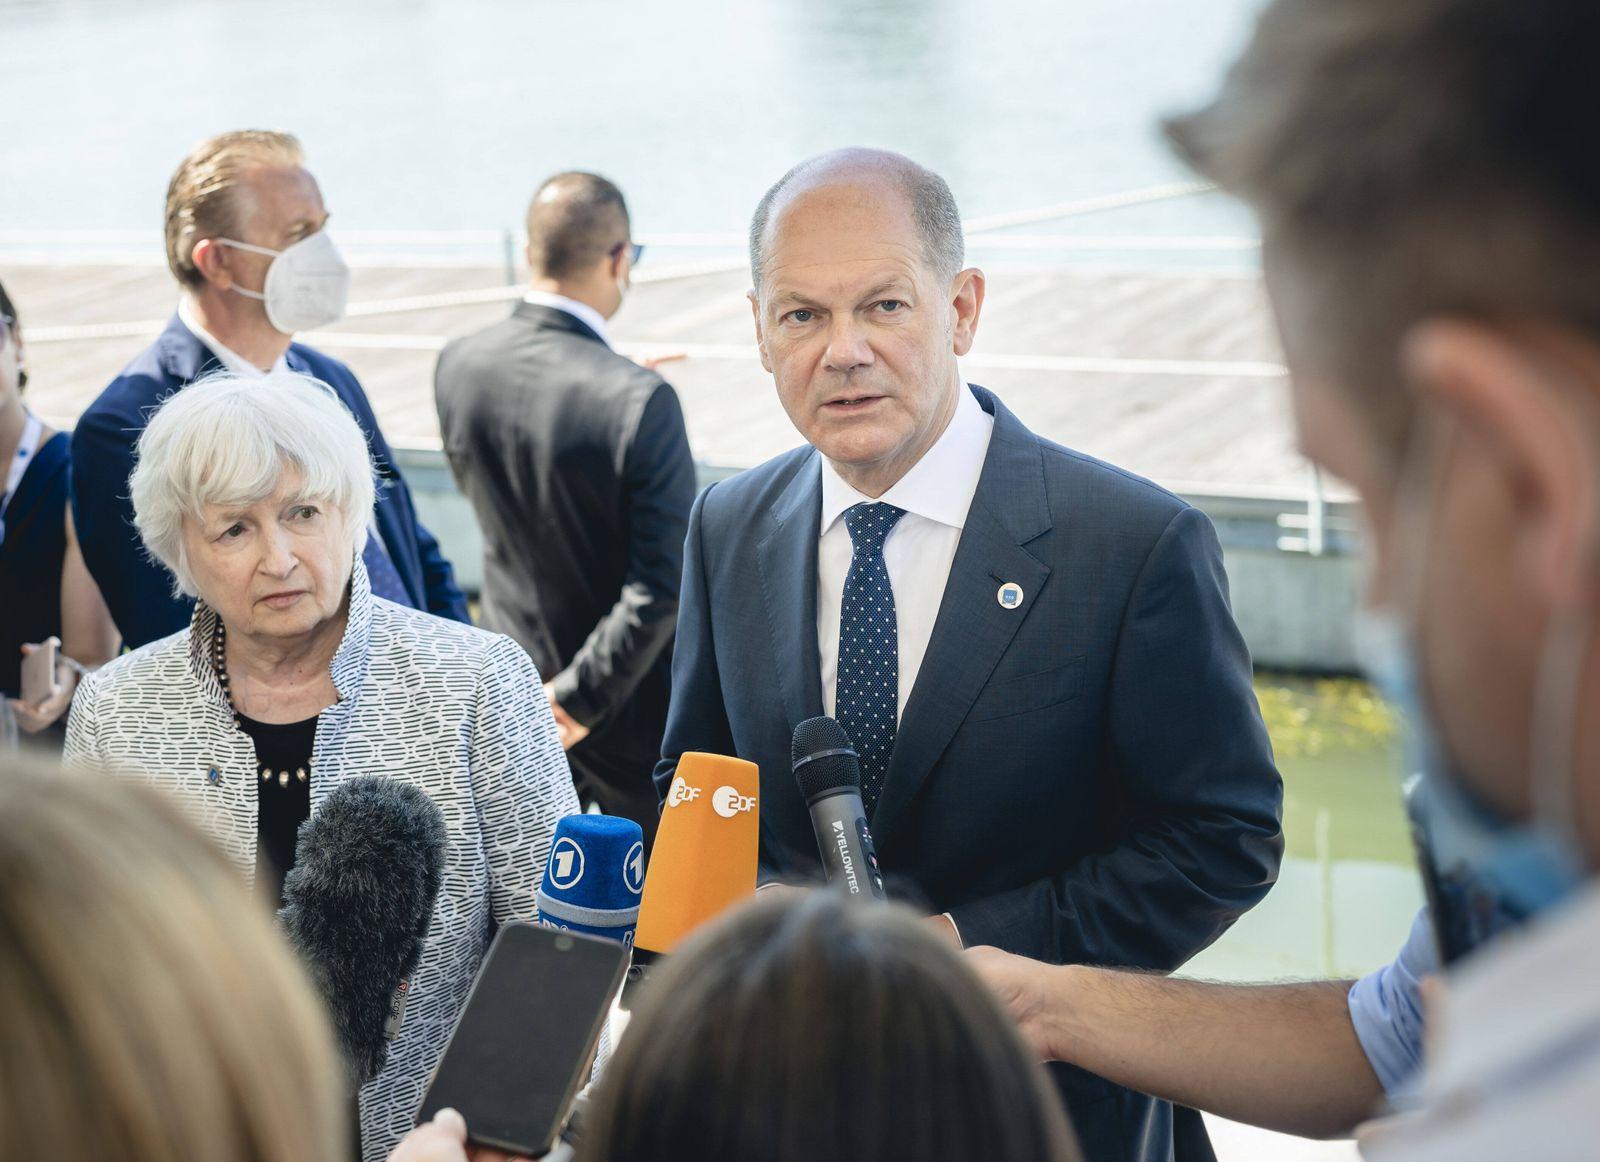 Bundesfinanzminister Olaf Scholz (SPD) trifft die Finanzministerin der Vereinigten Staaten von Amerika, Janet Yellen, im